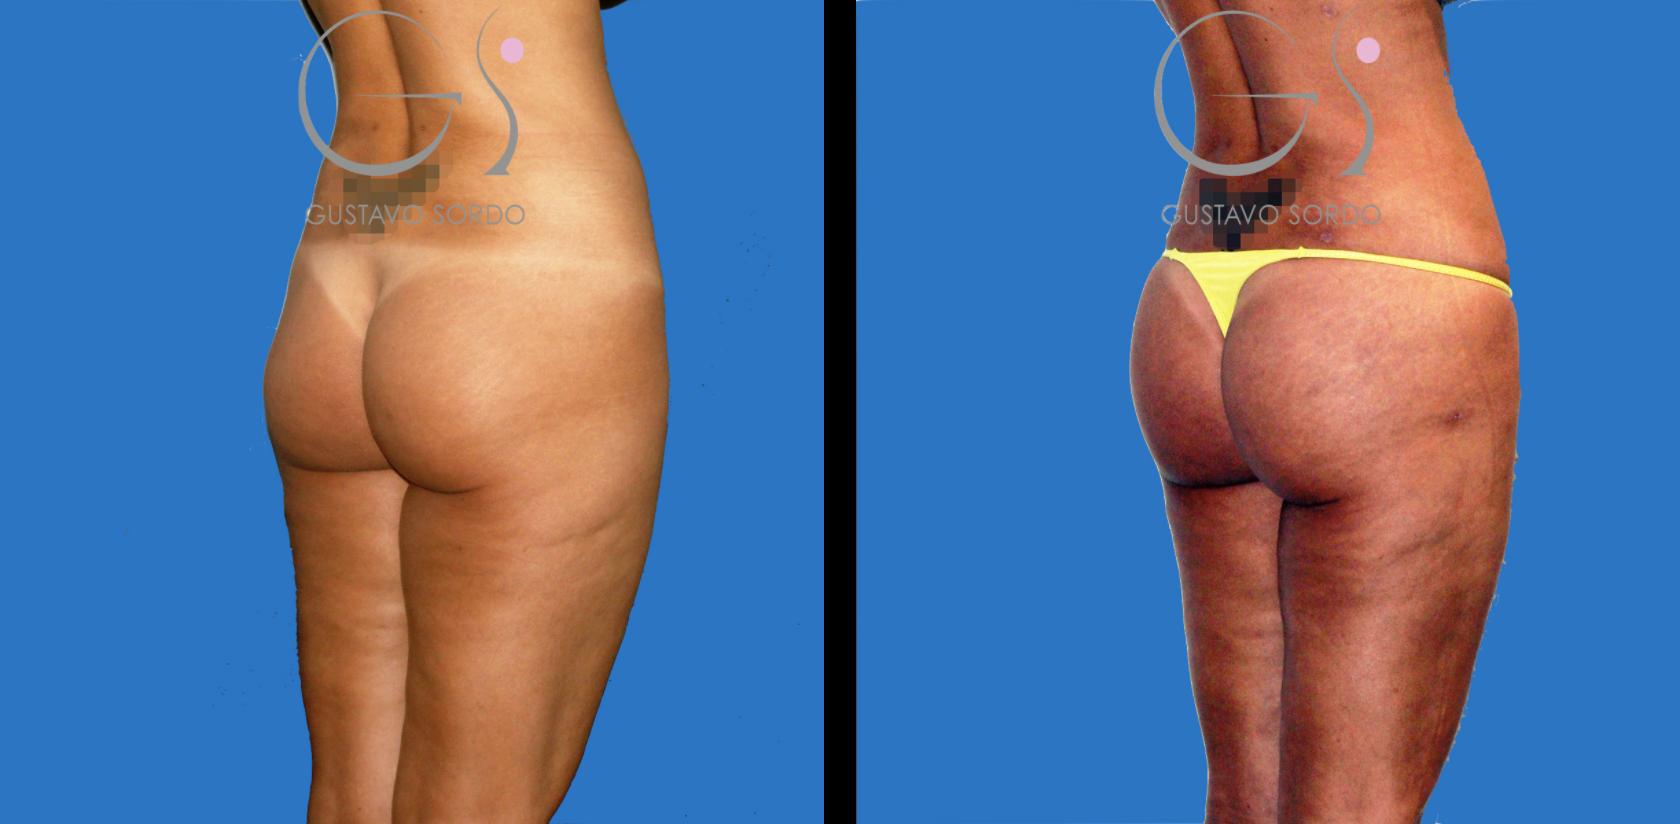 liposucción y lipofilling en mujer de 34 años